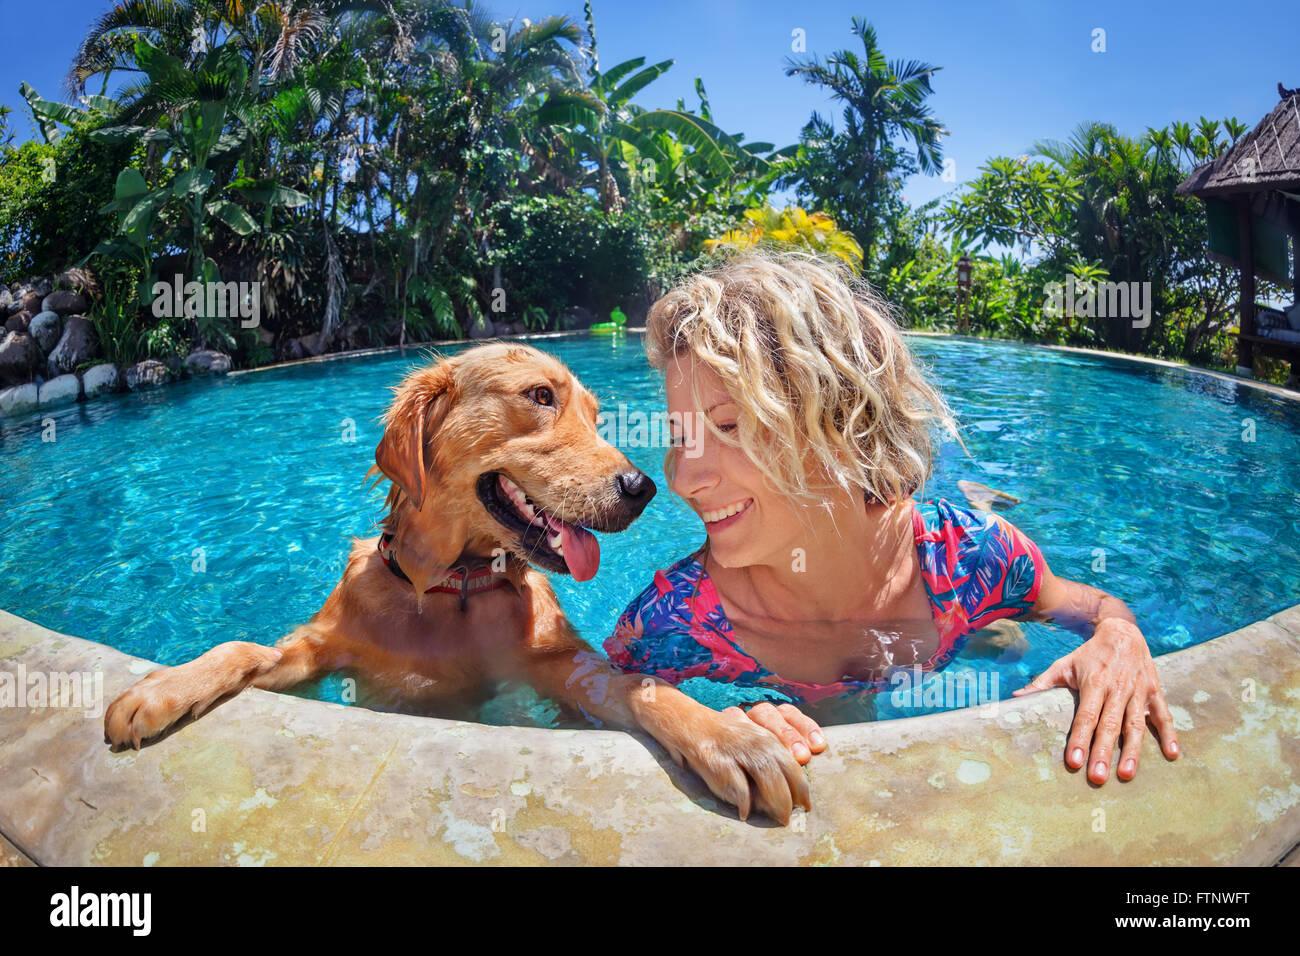 Portrait de femme smiley rigolo de jouer avec plaisir et de formation chiot golden retriever dans une piscine extérieure. Photo Stock